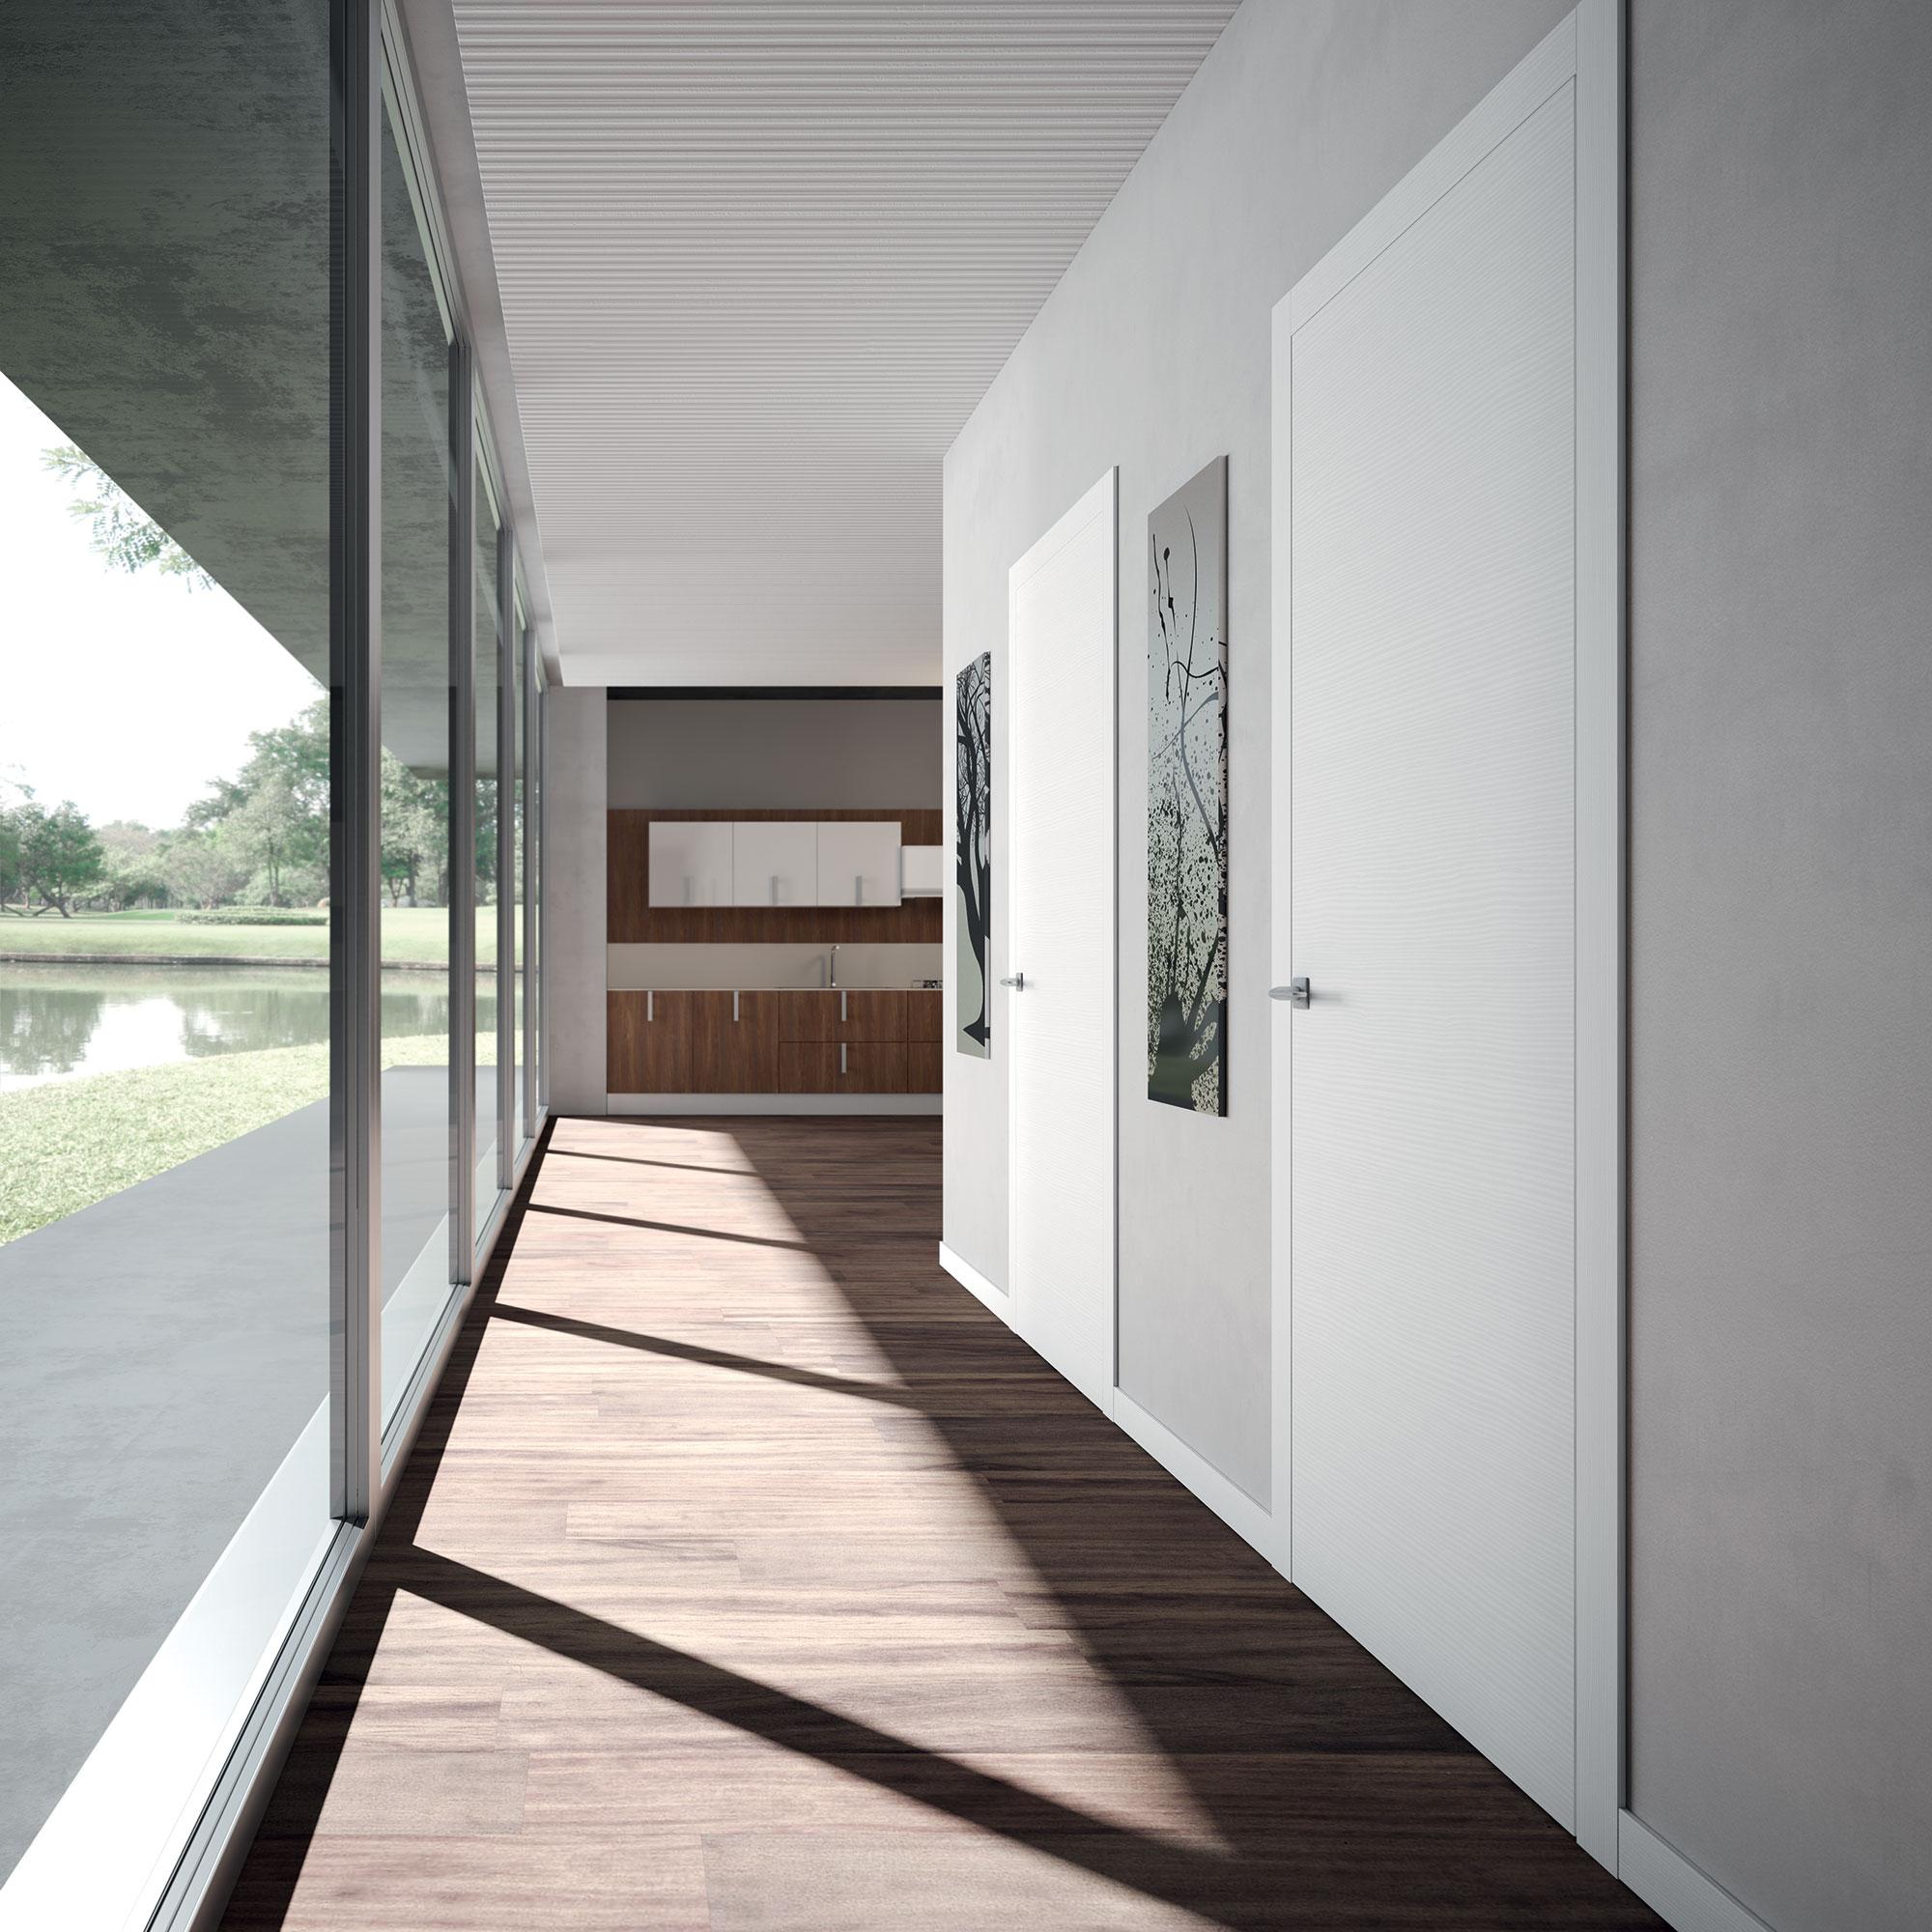 Porte interne in laminato o in essenze naturali nuova ocim - Porte interne a filo muro ...